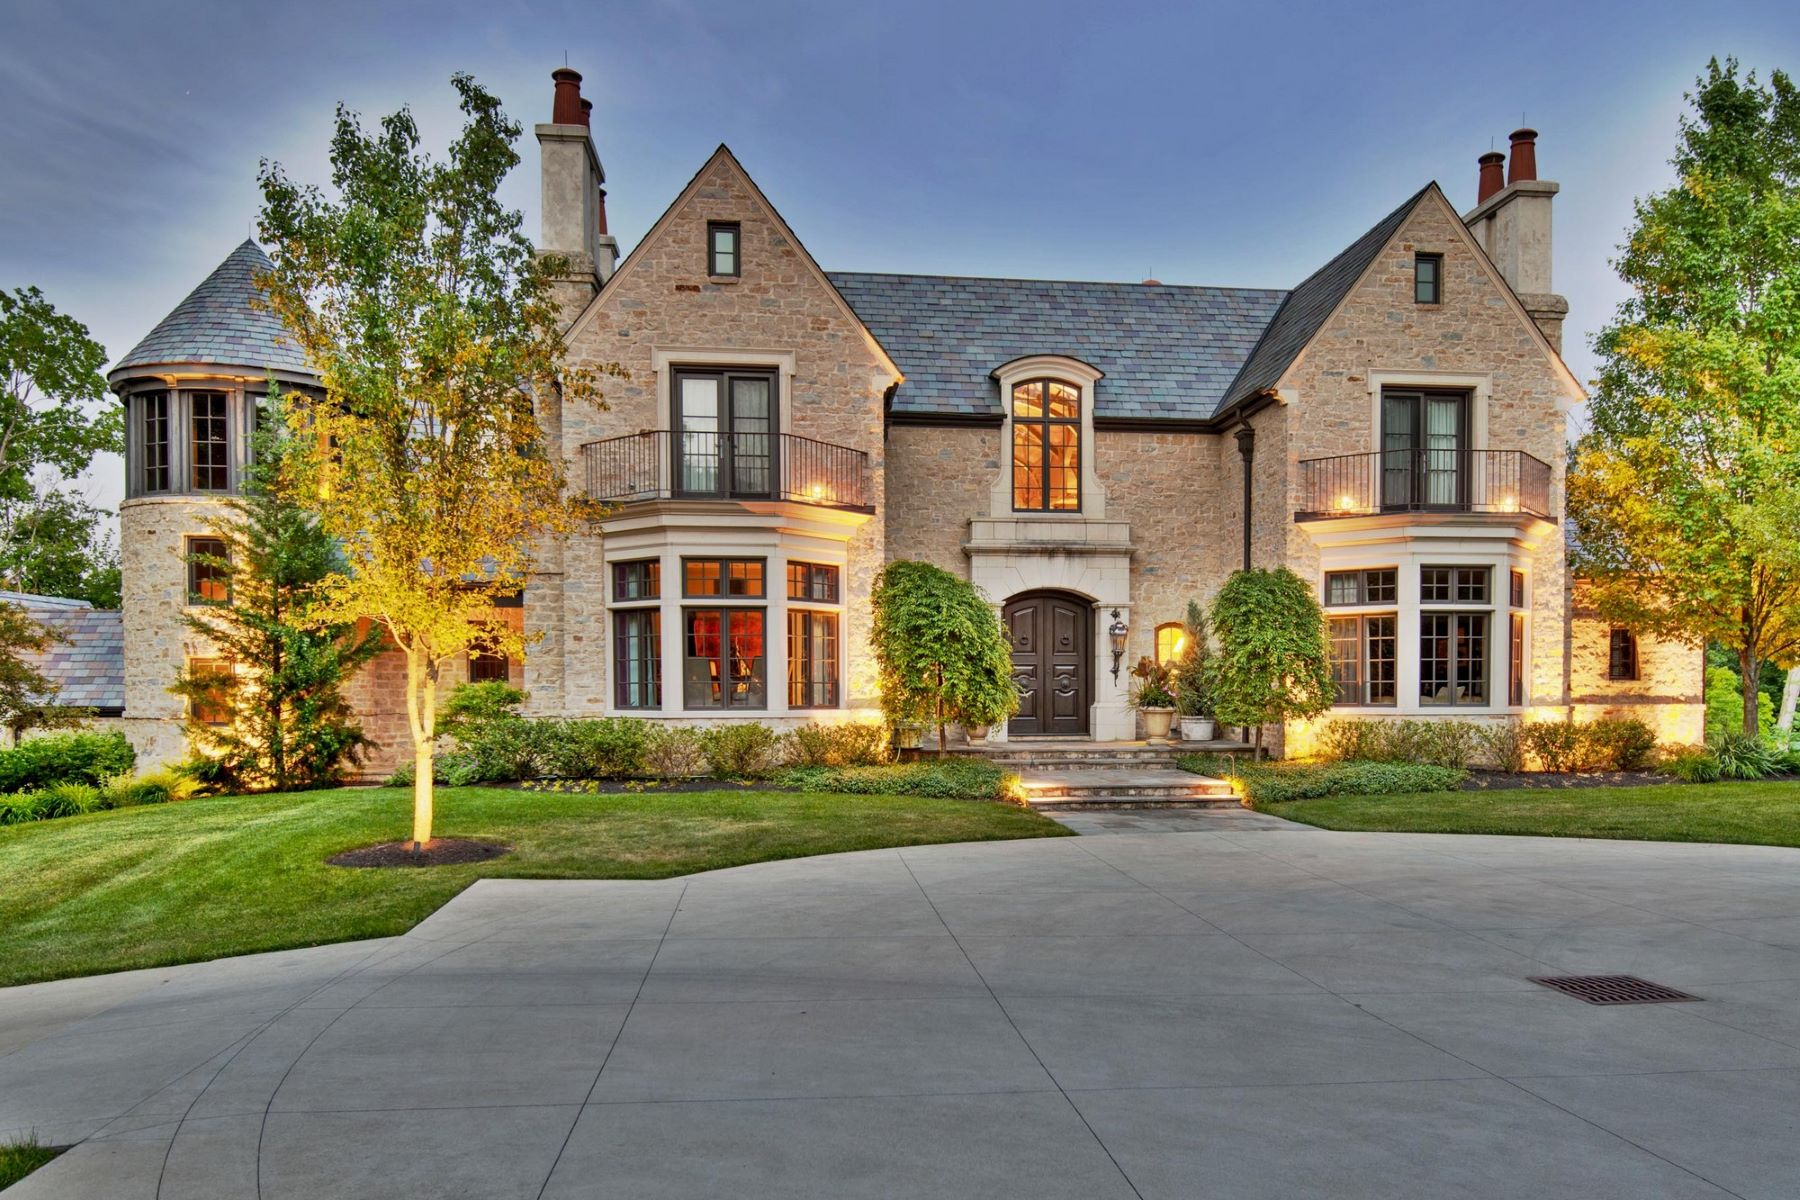 独户住宅 为 销售 在 3020 Scioto Estates 哥伦布, 俄亥俄州 43221 美国